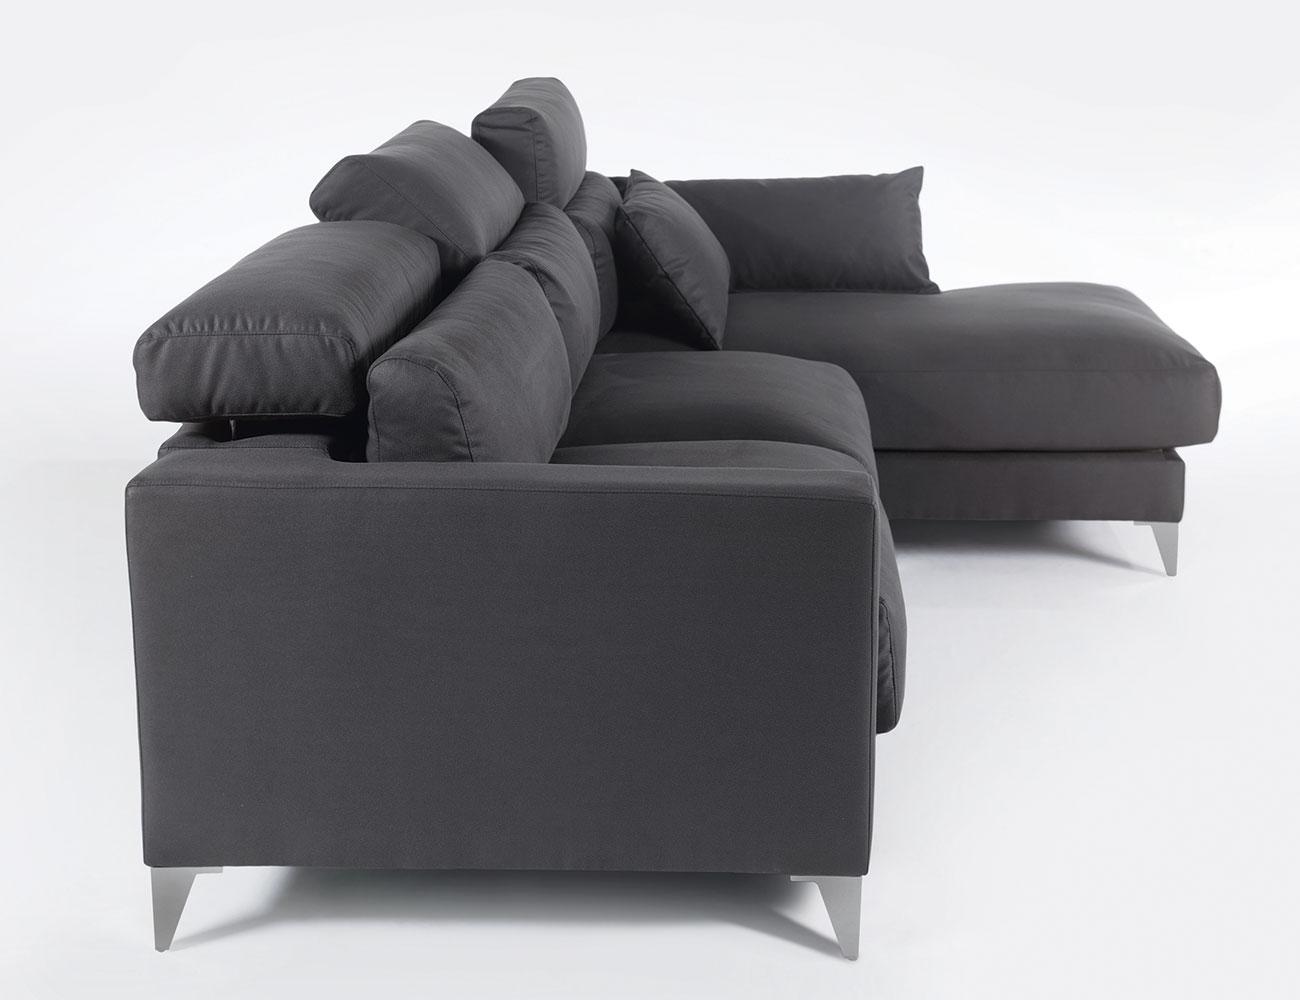 Sofa chaiselongue gran lujo decorativo grafito 116